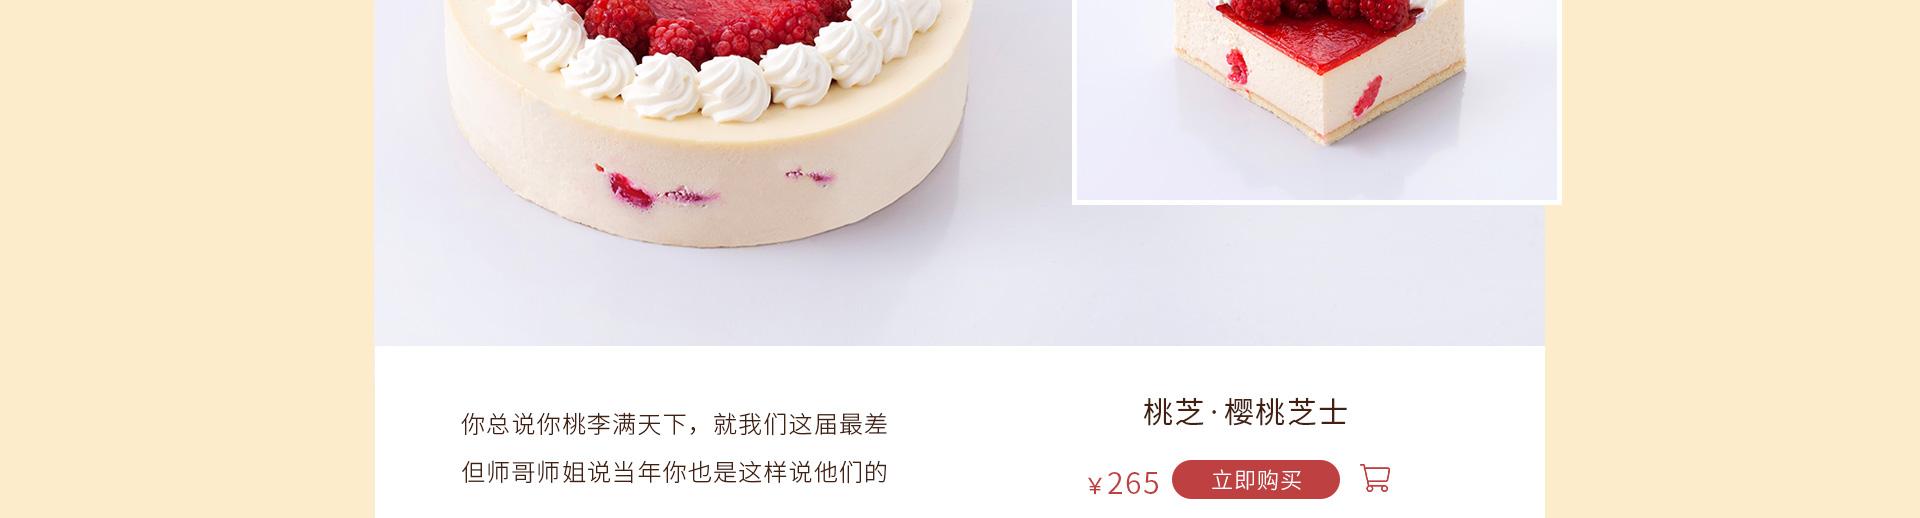 桃芝|樱桃芝士蛋糕 在线订购